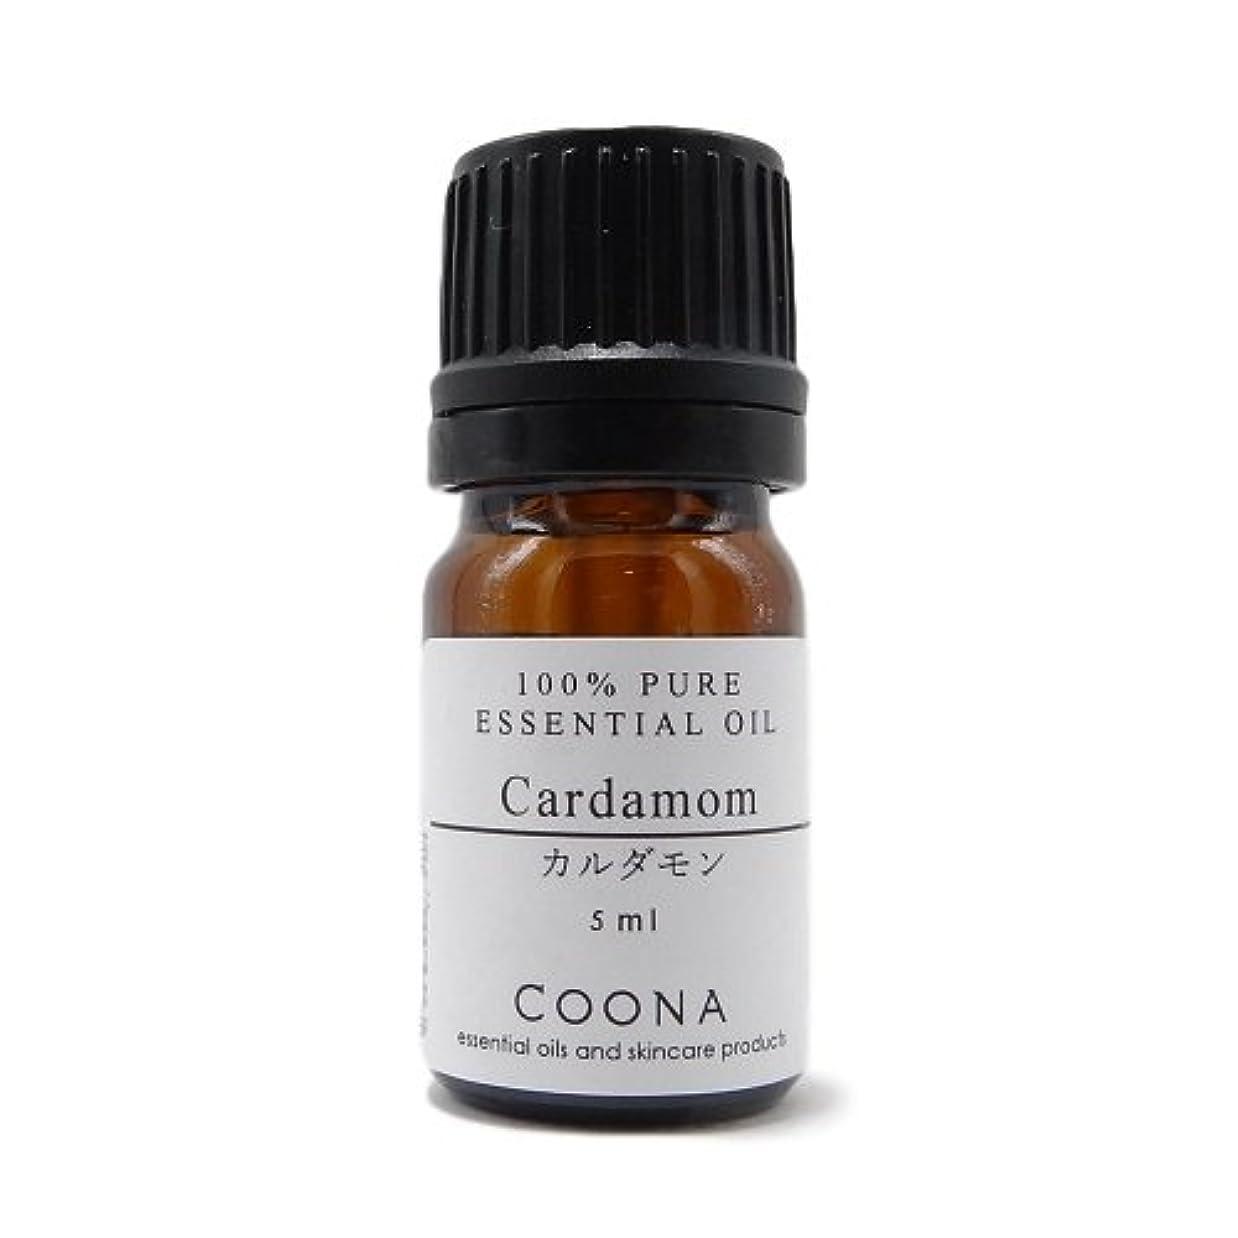 ダースピケ望まないカルダモン 5 ml (COONA エッセンシャルオイル アロマオイル 100%天然植物精油)